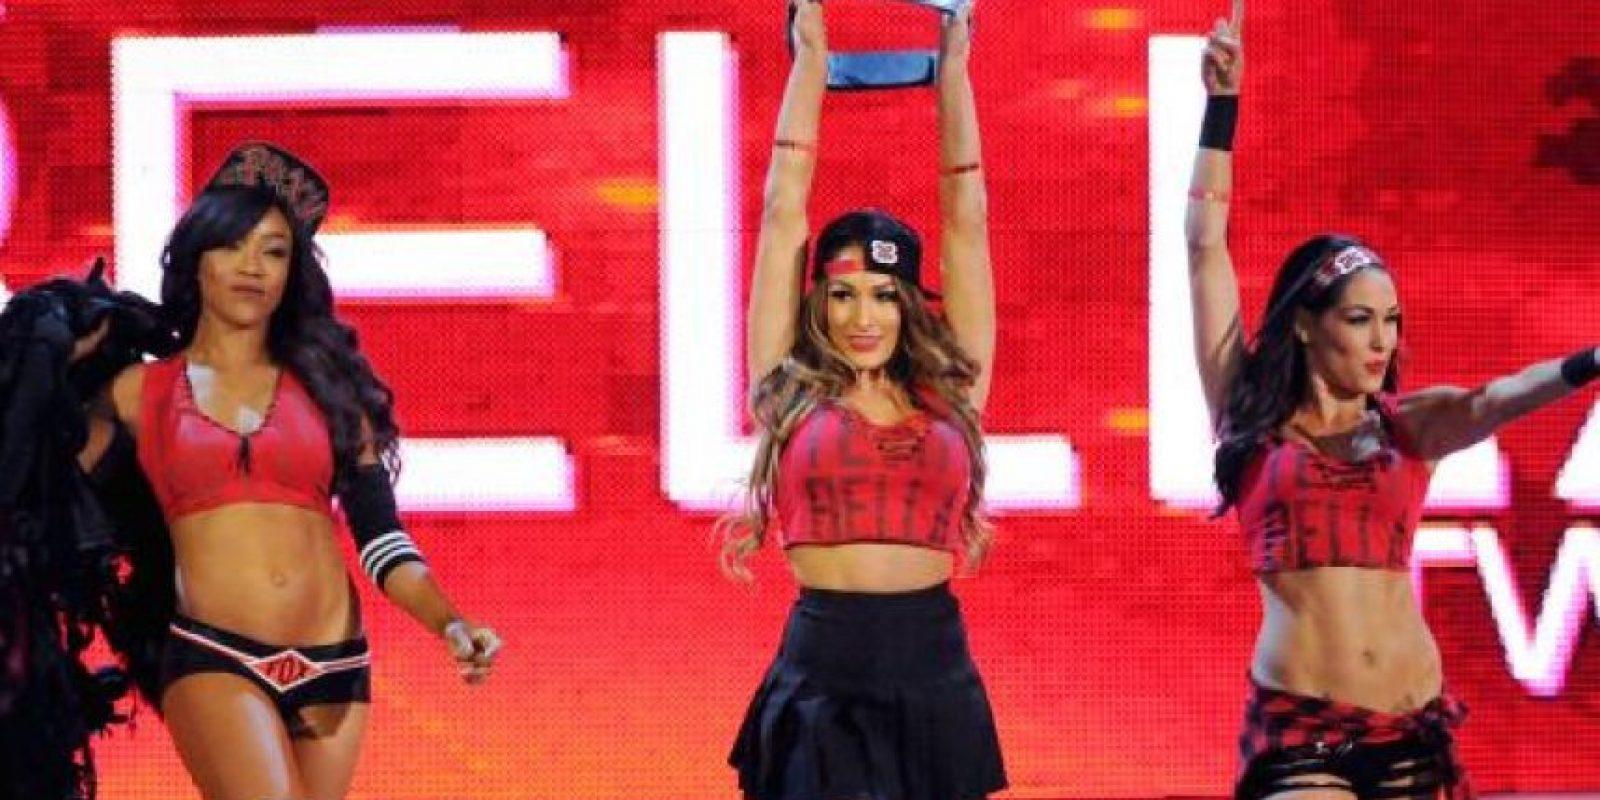 Nikki es campeona desde noviembre pasado Foto:WWE